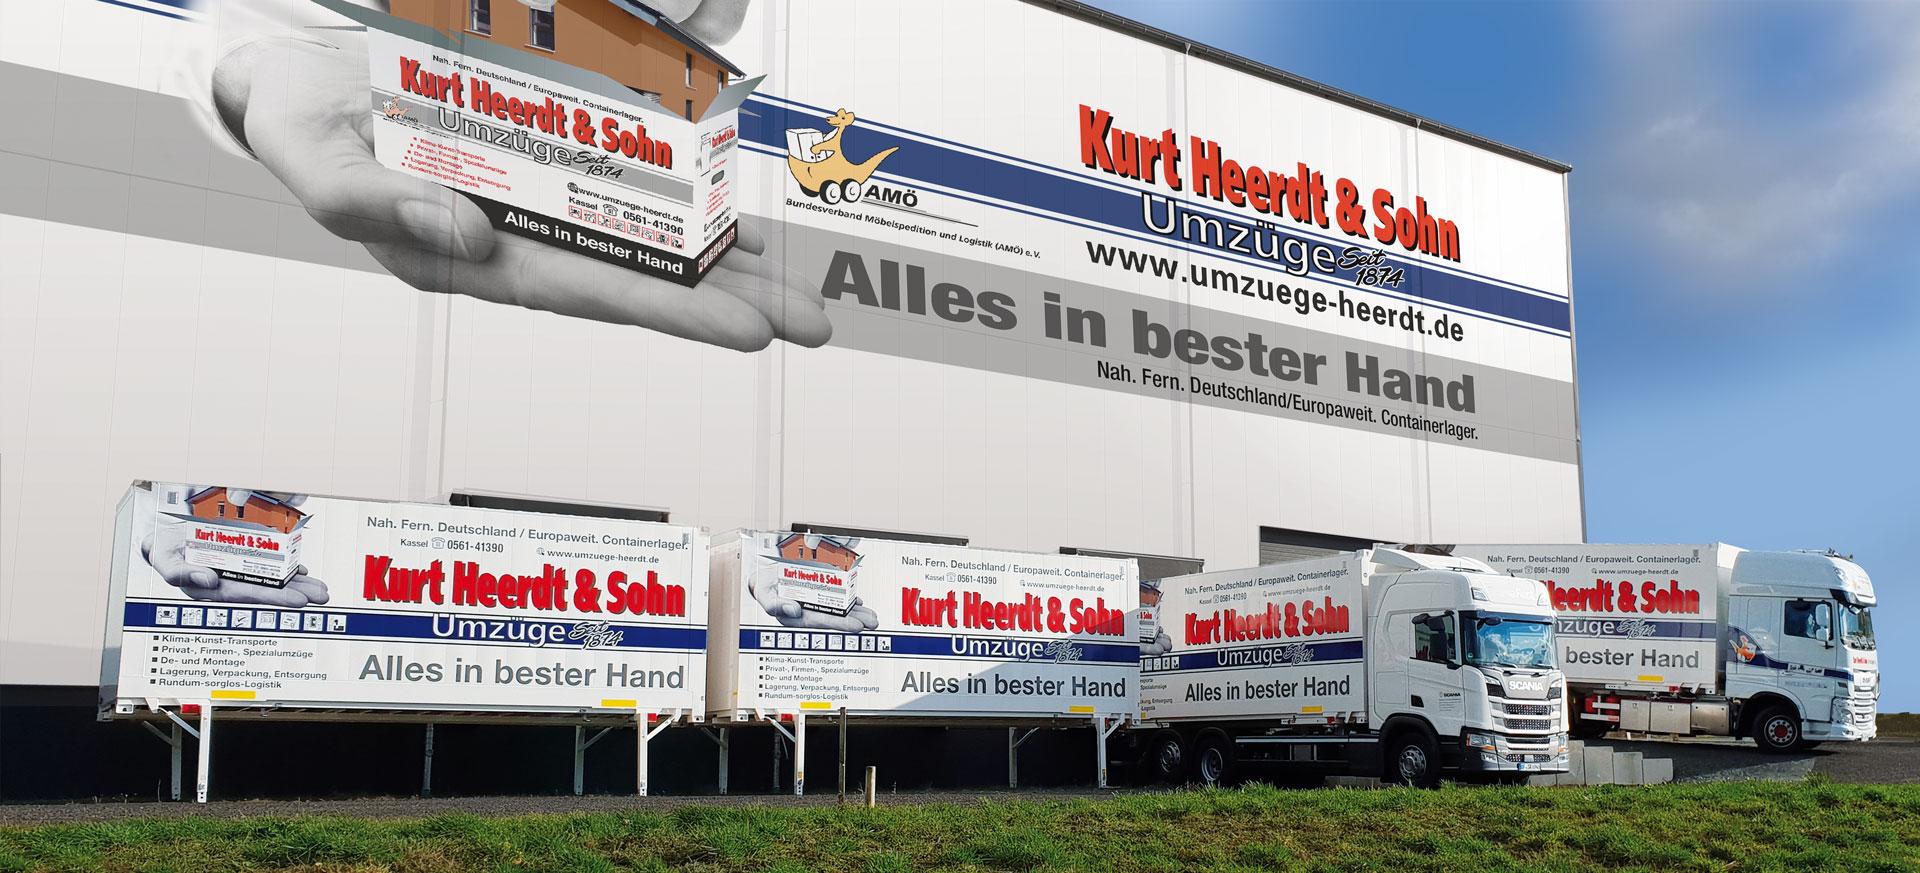 Umzug neuer Containerlager mit Fuhrpark